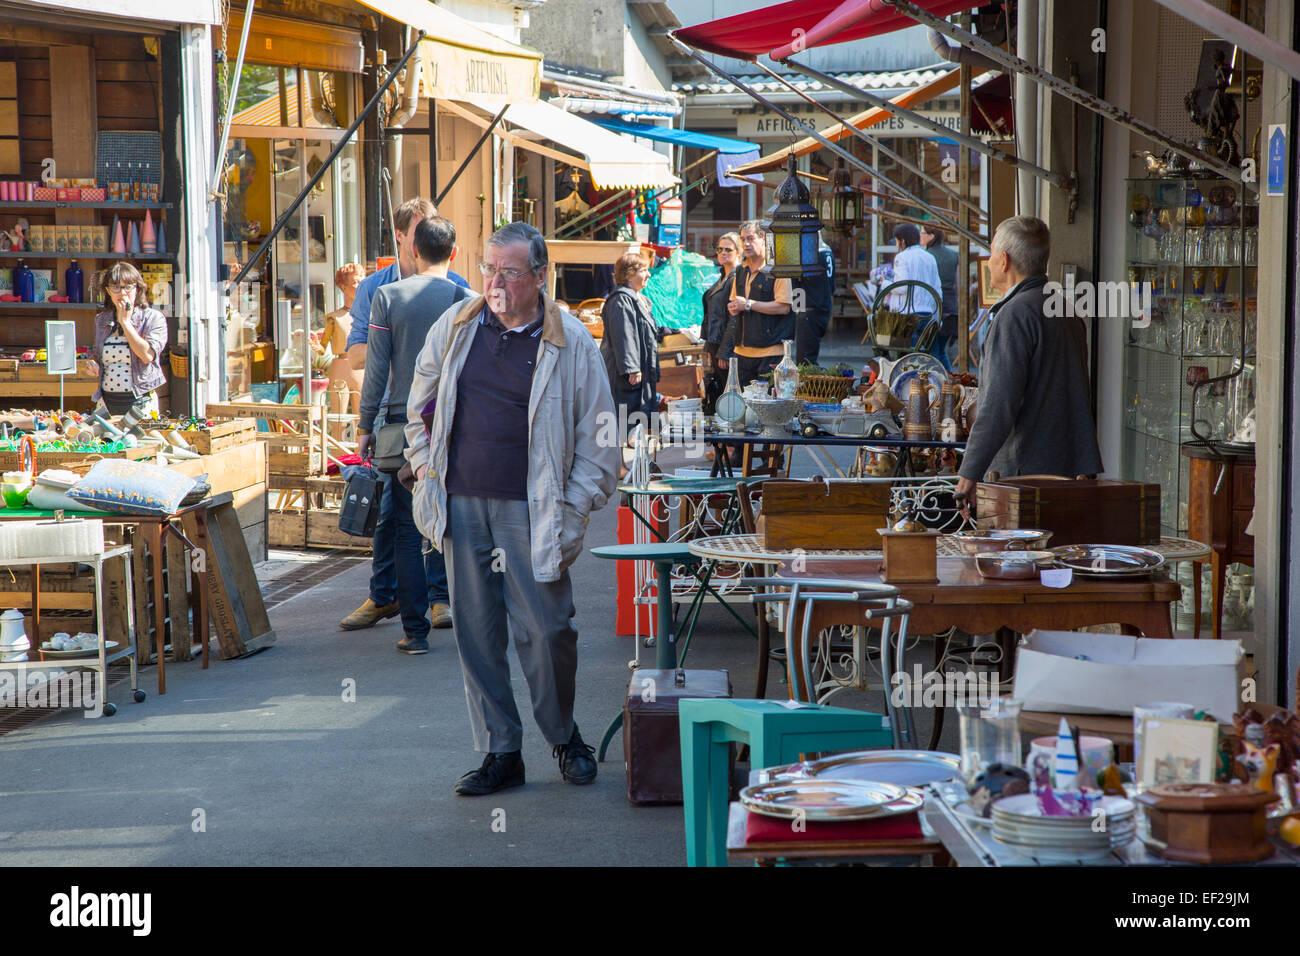 march aux puces de saint ouen the world famous flea market paris stock photo royalty free. Black Bedroom Furniture Sets. Home Design Ideas